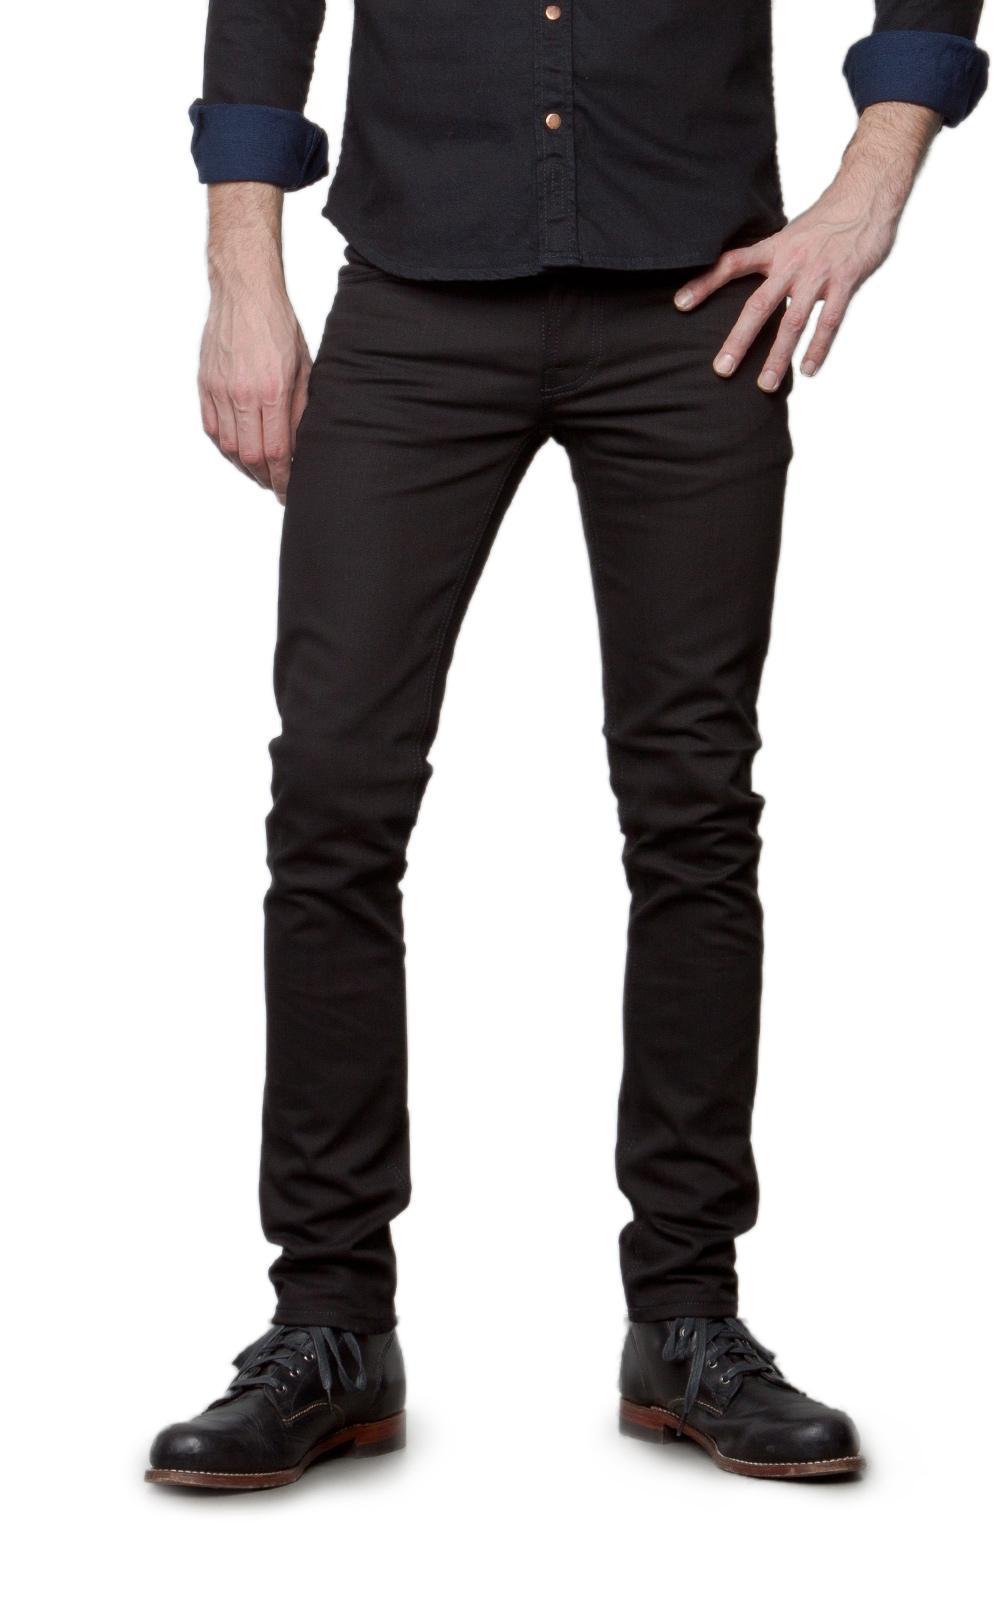 Grim Tim Slim-fit Organic Stretch-cotton Corduroy Jeans - BlackNudie Jeans Emplacements Sortie Prix Pas Cher Une Surprise Énorme Pas Cher alQYRgH1